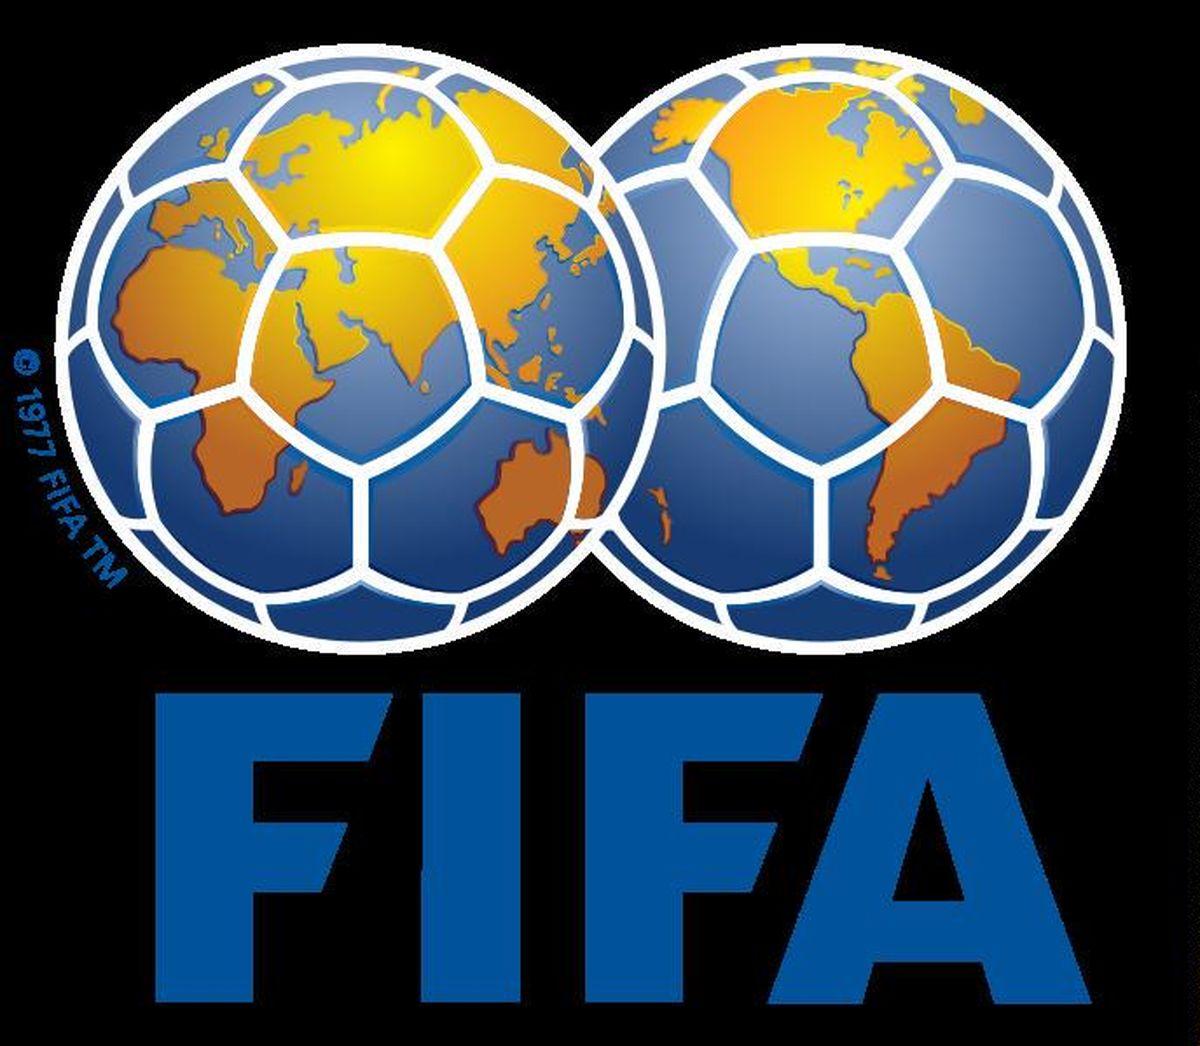 جام جهانی ۲۰۲۶، با ۴۸ تیم برگزار میشود/ سهمیهبندی قارهها مشخص شد، سهم آسیا ۸.۵ تیم